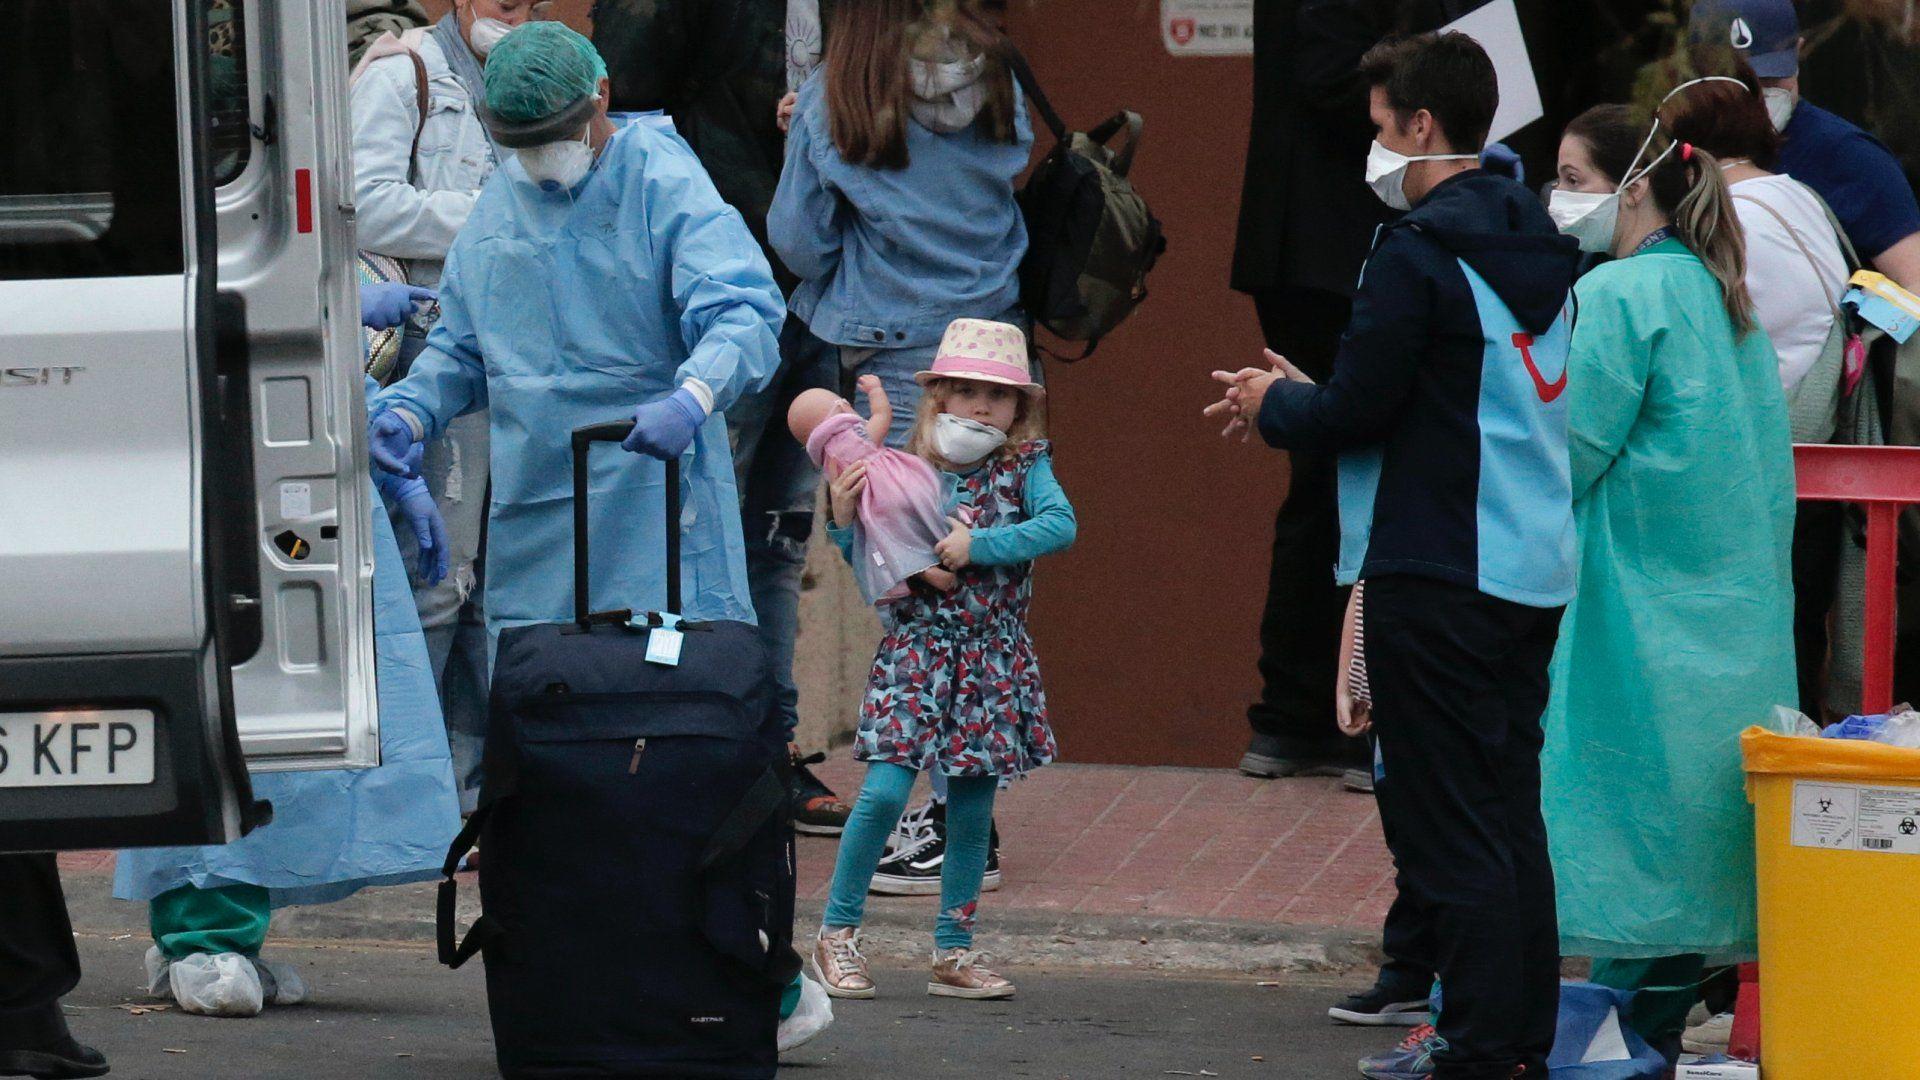 Védőruházatot viselő egészségügyi személyzet segít a távozni készülő vendégeknek a Tenerife nyugati partjánál lévõ La Caleta üdülőhely H10 Costa Adeje Palace nevű szállodájában 2020. február 28-án (Fotó: MTI/AP/Joan Mateu)